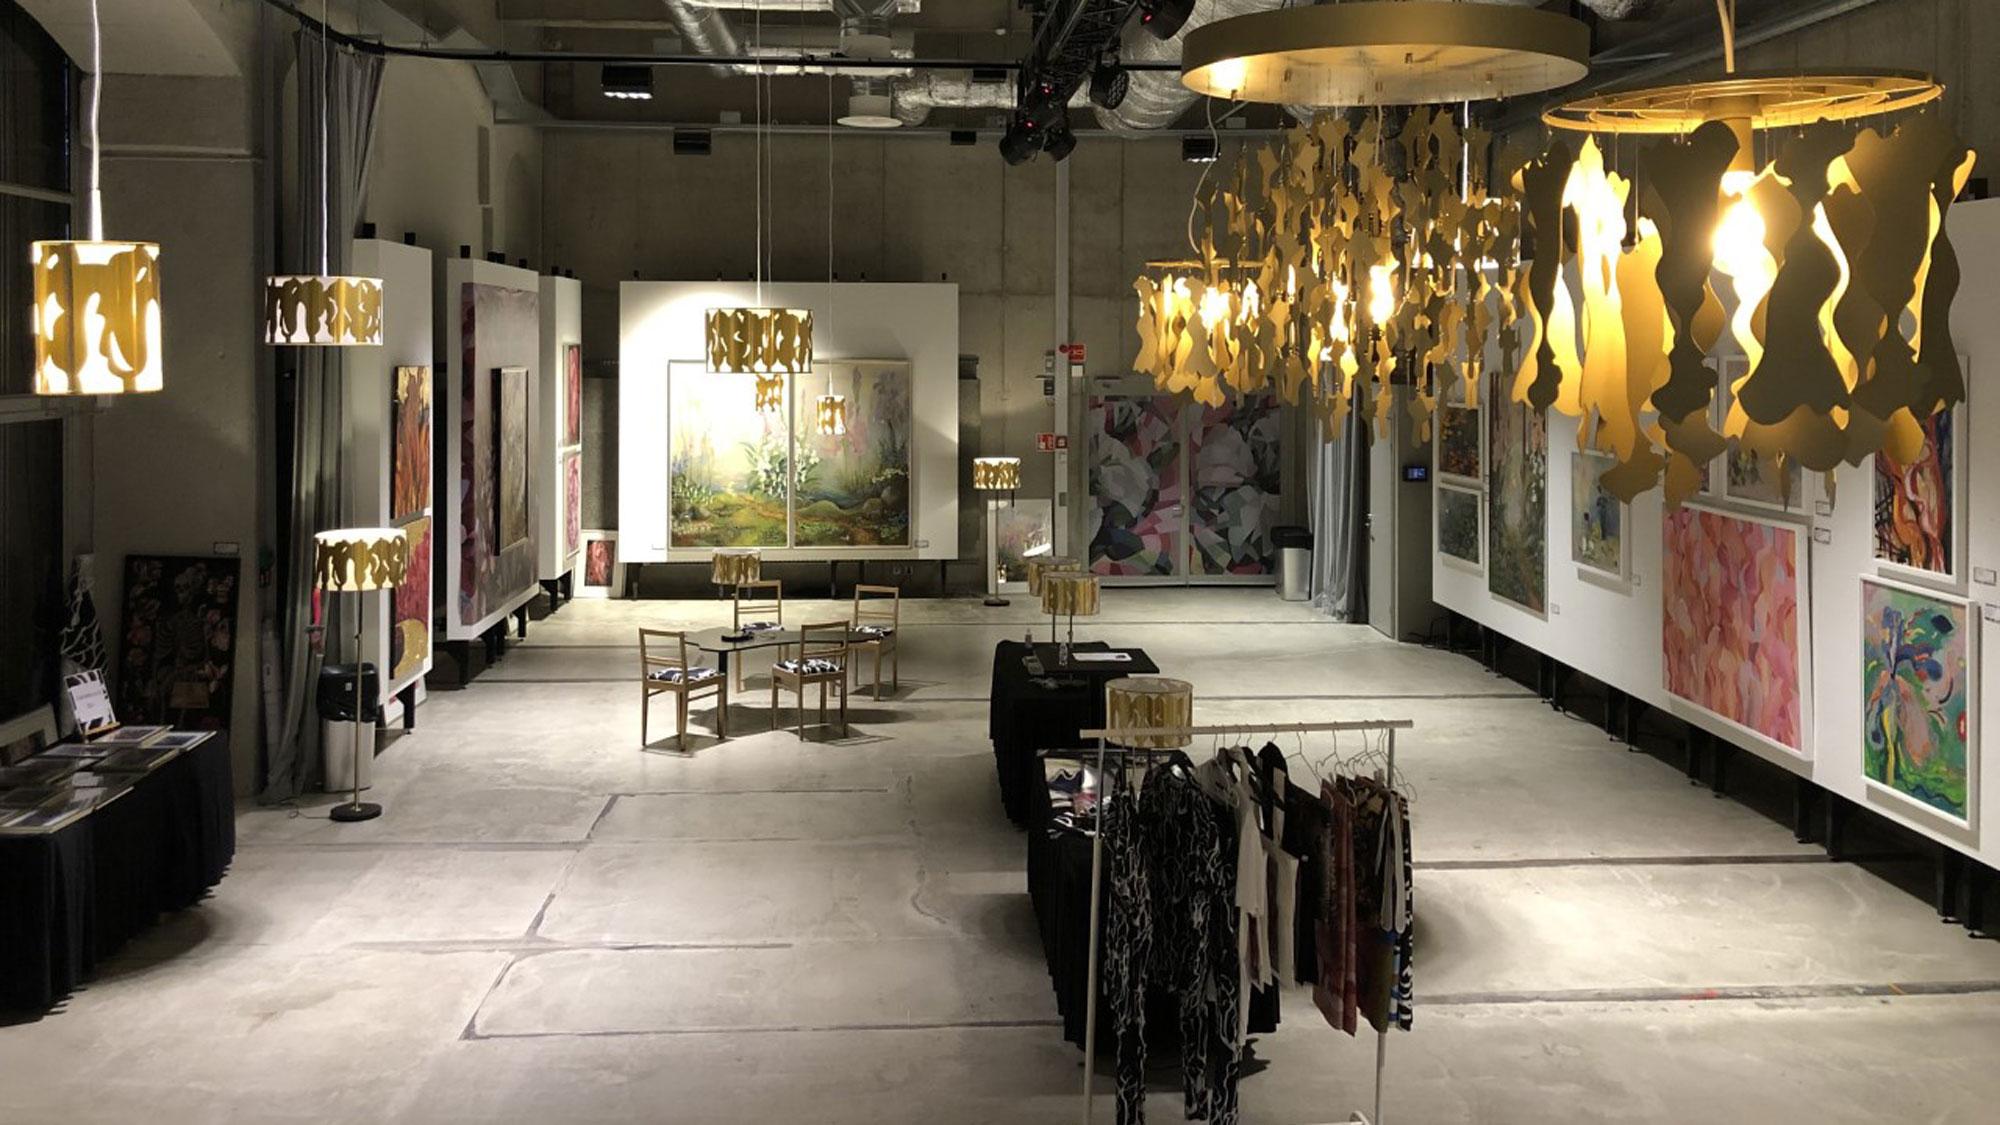 Johanna Oras järjesti juhlanäyttelynsä Logomossa – Teatro-galleria muuntautui luovuutta ruokkivaksi näyttelytilaksi